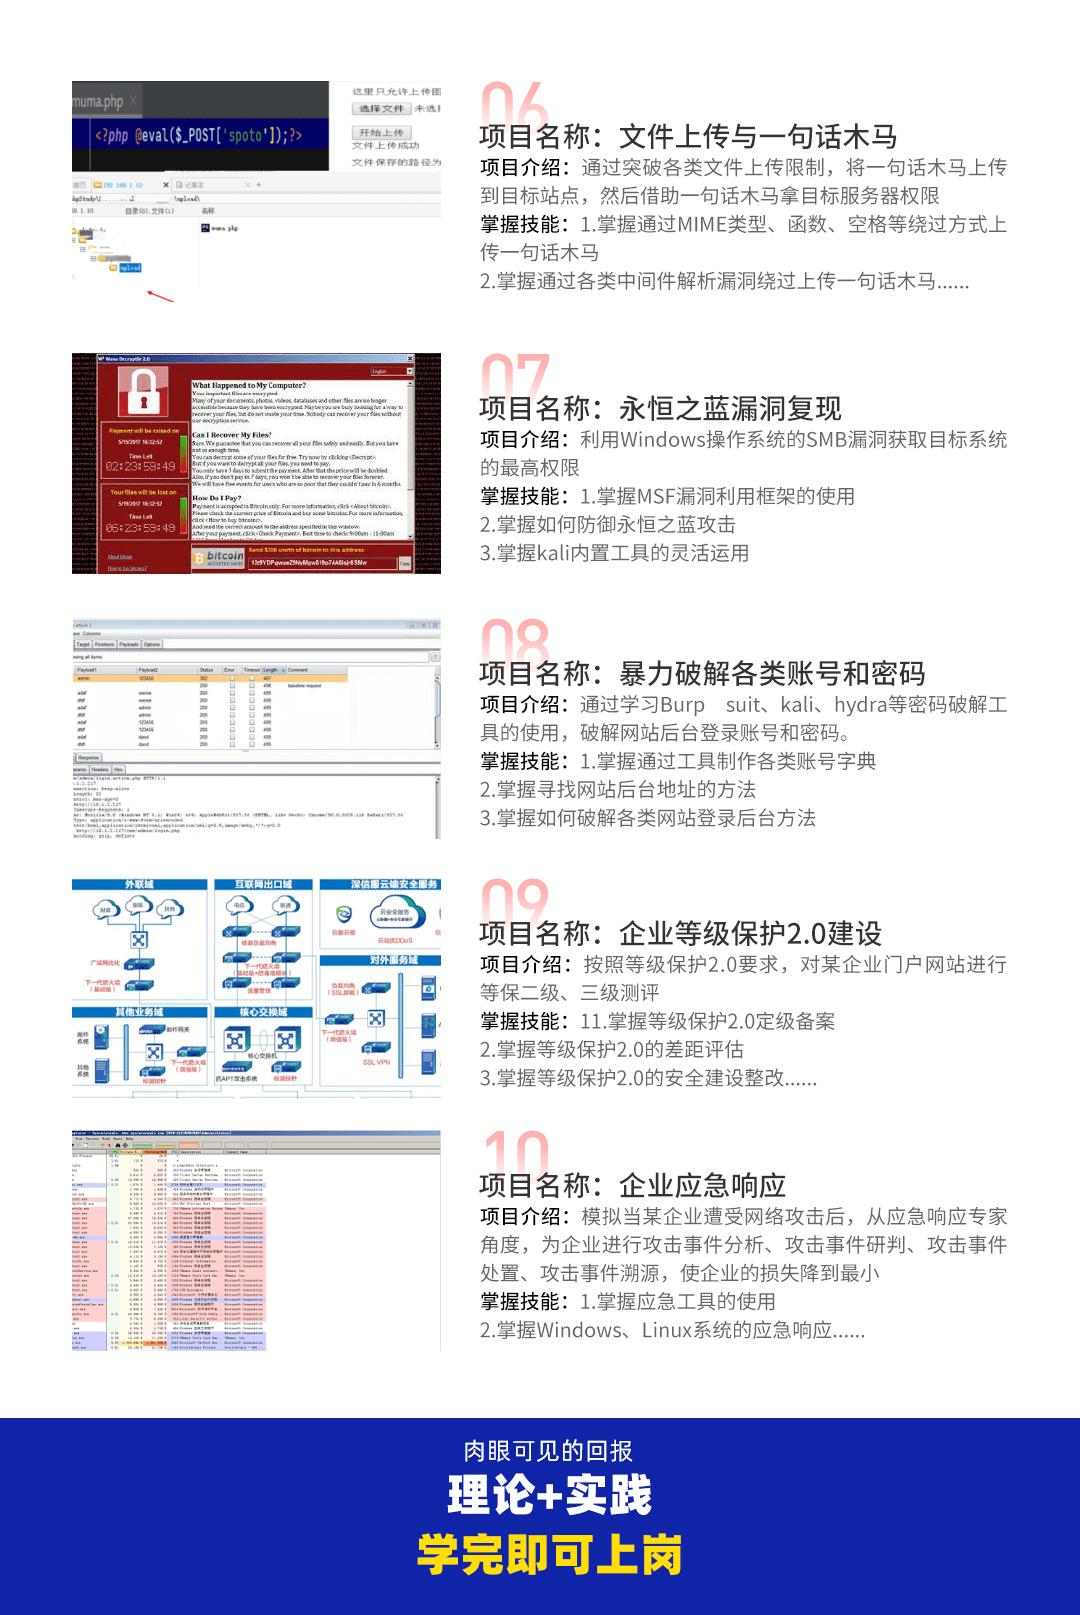 网络安全工程师实战项目-2